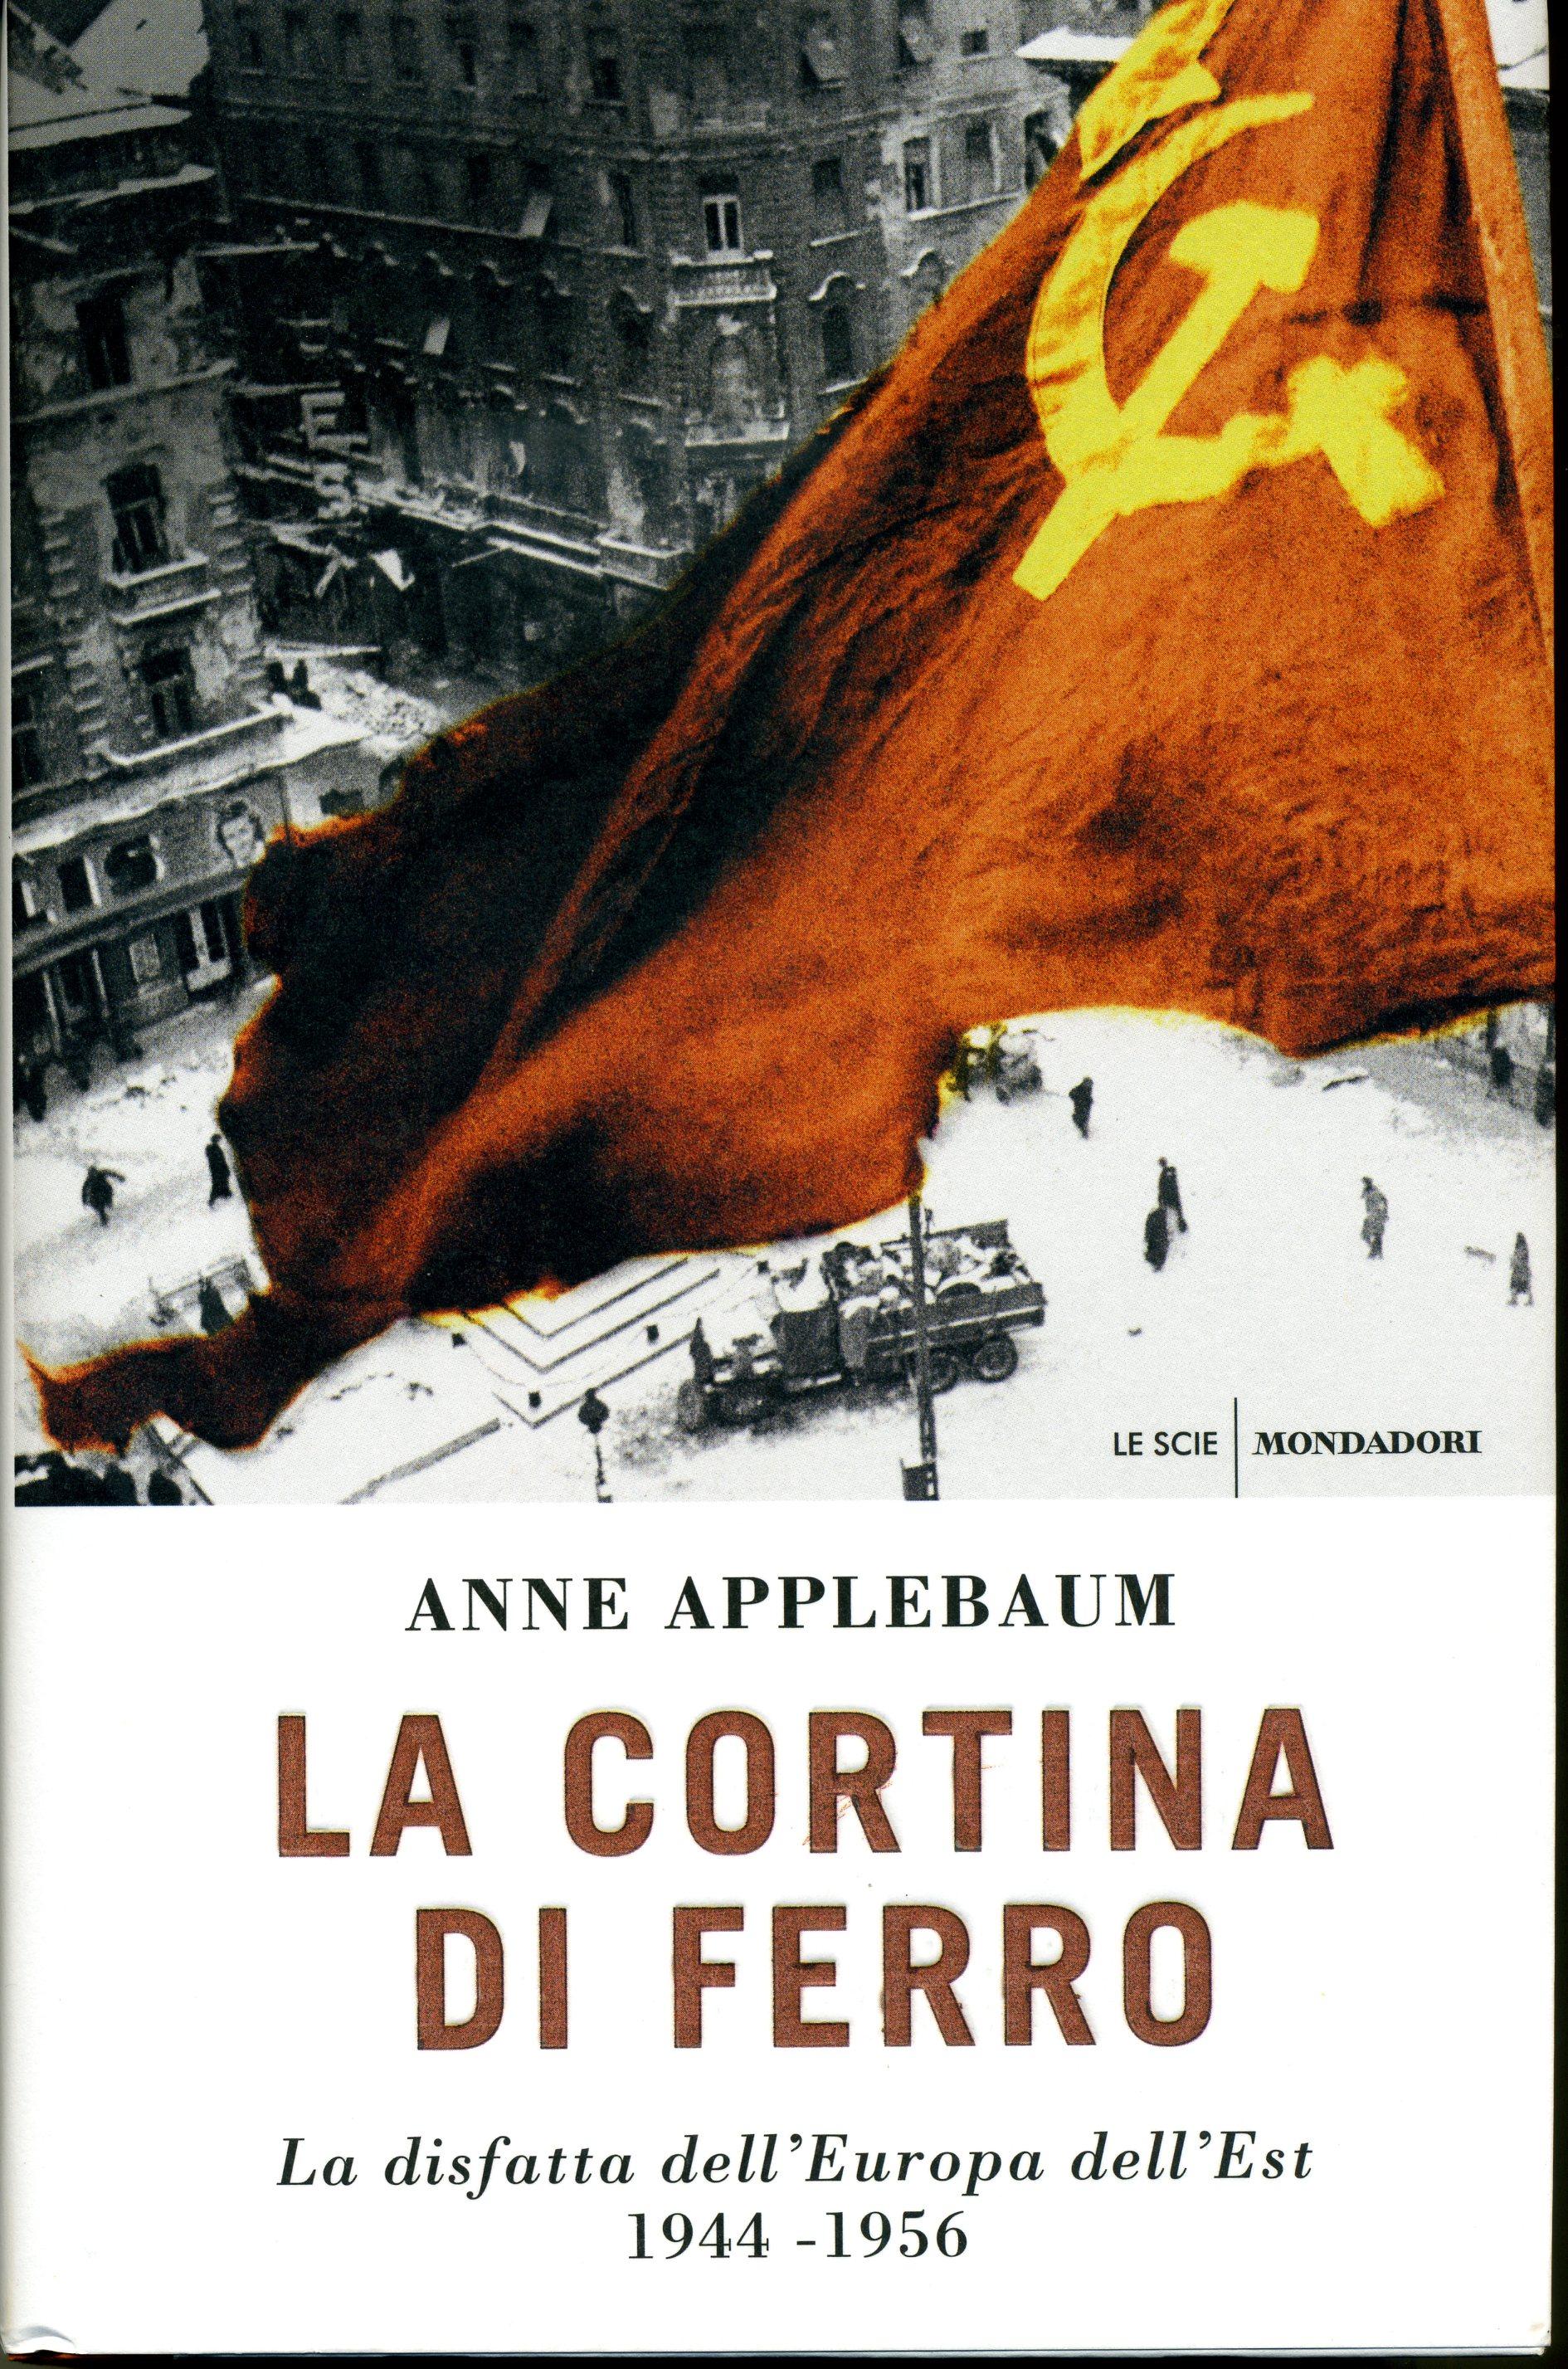 Anne Applebaum, La cortina di ferro. La disfatta dell'Europa dell'Est 1944-1956